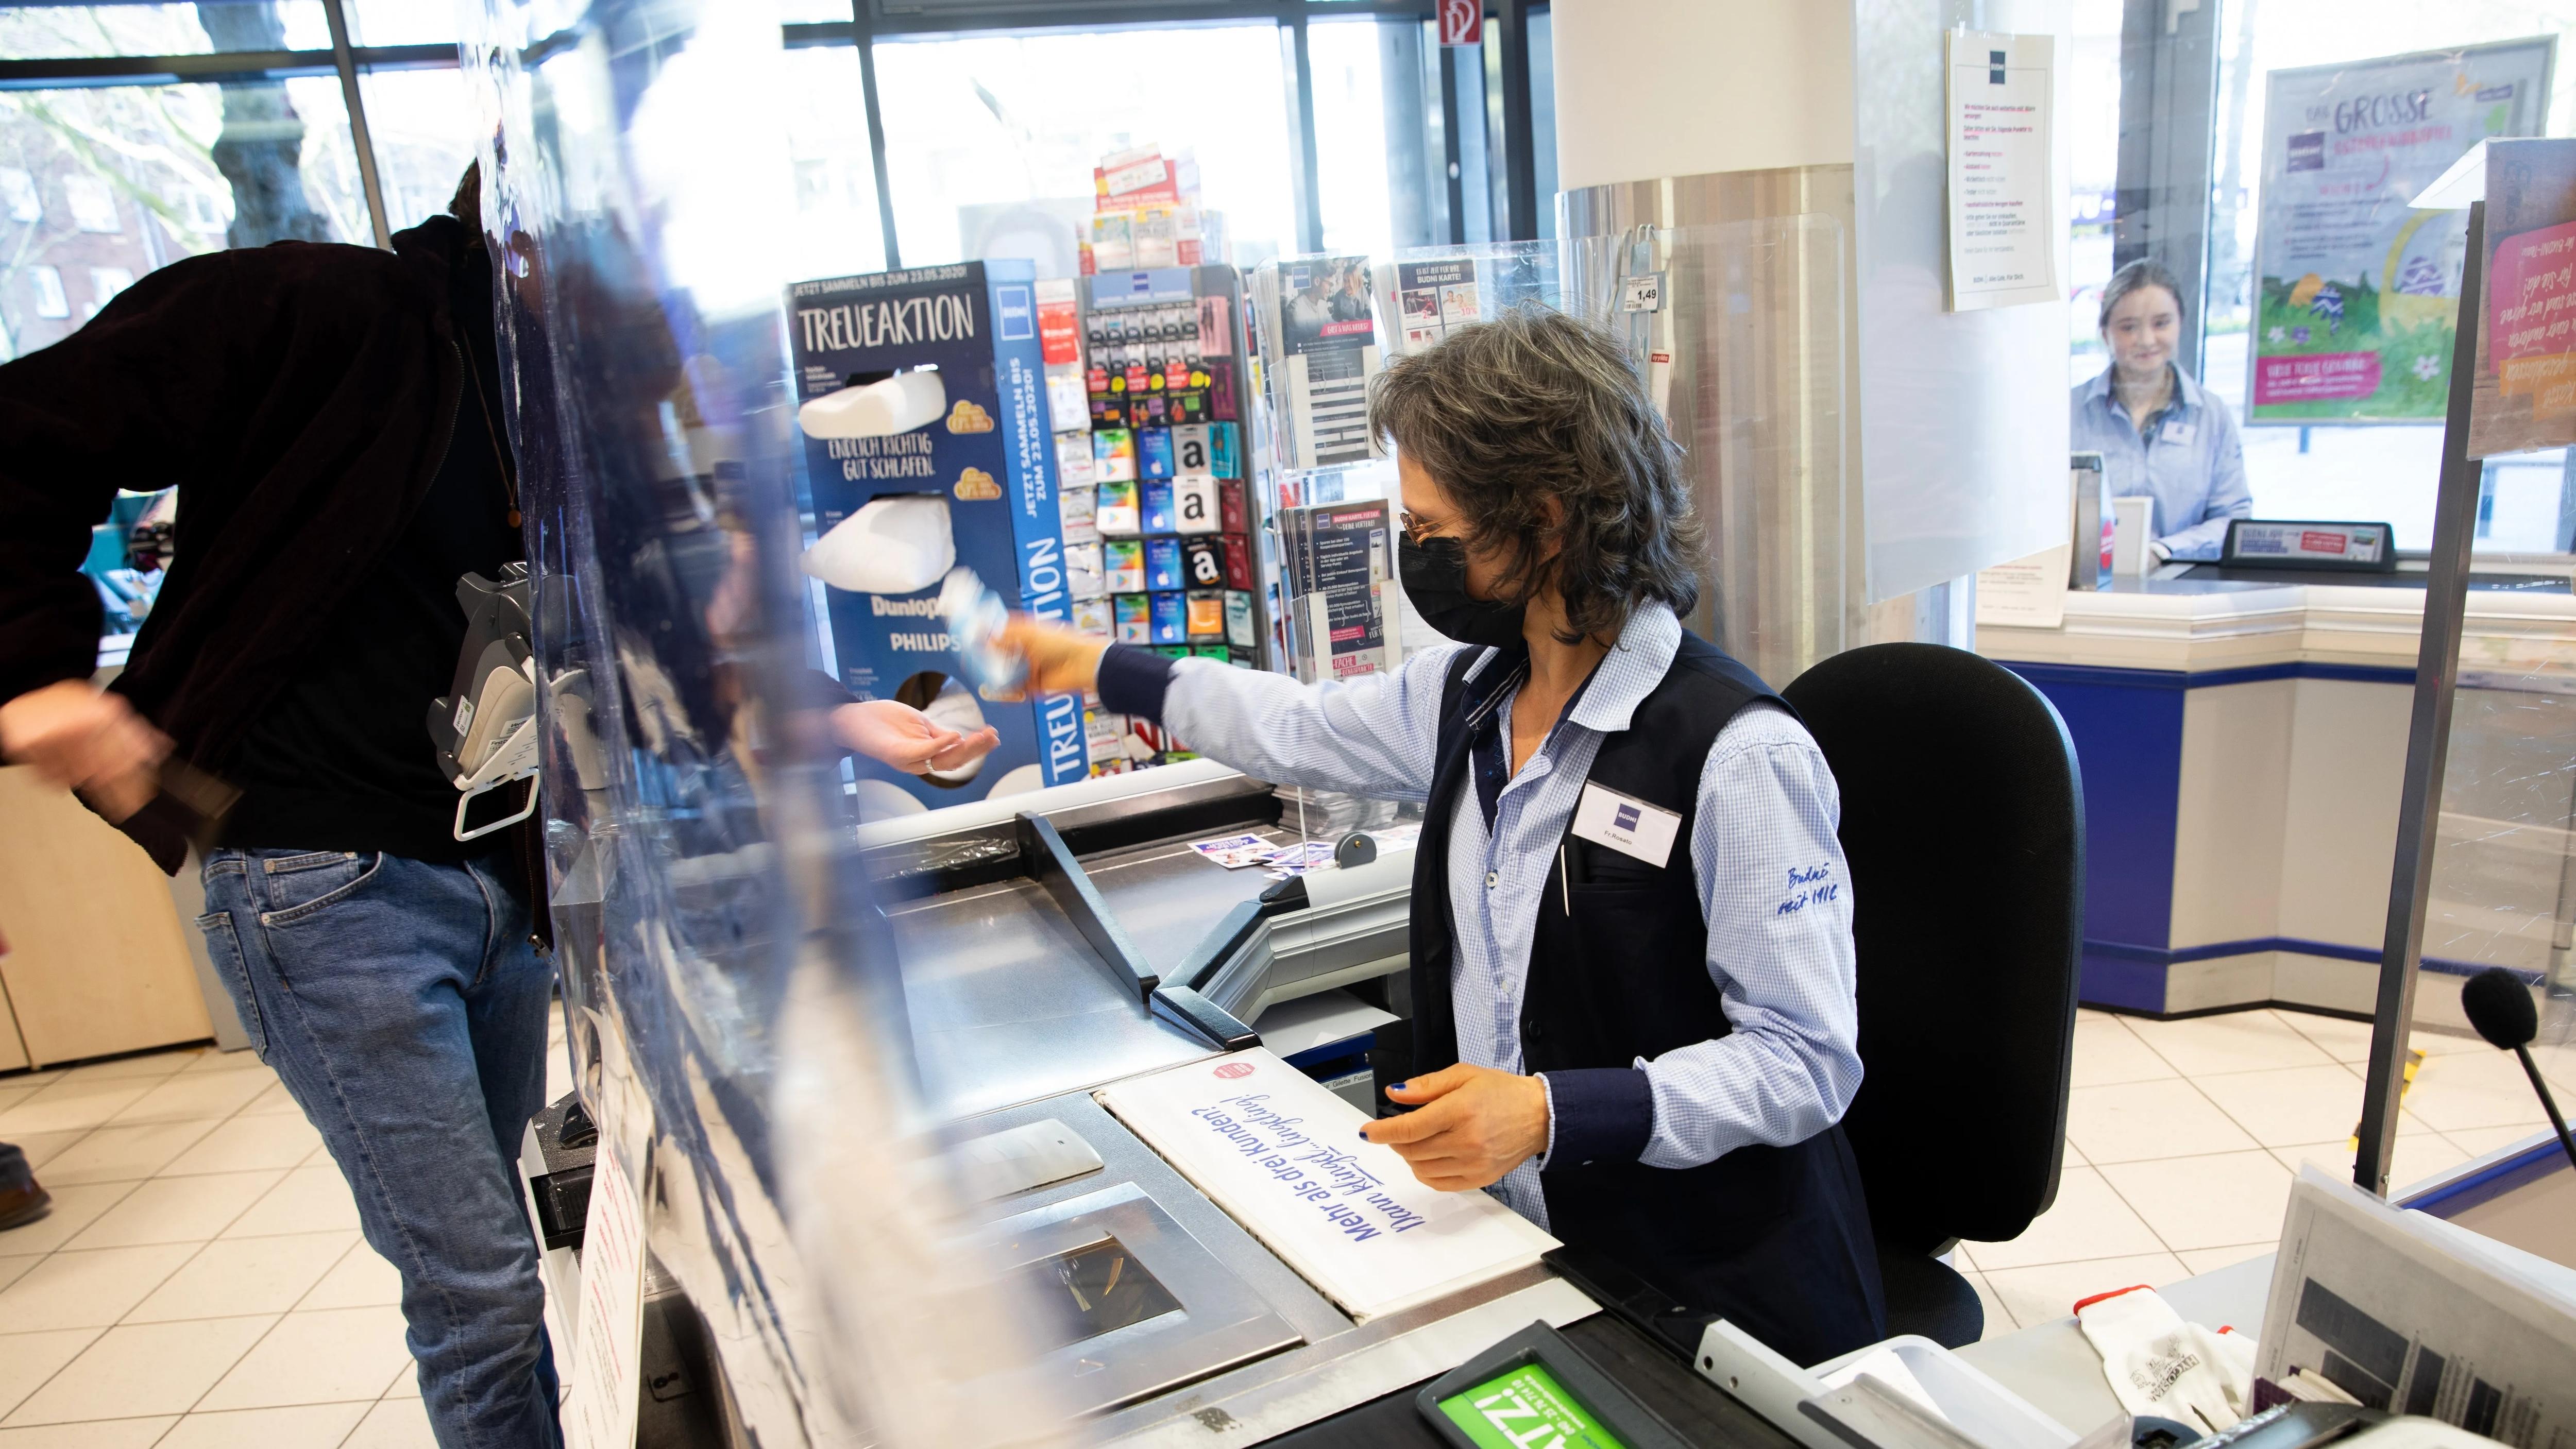 Einzelhandel: Anteil der Beschäftigten mit Tarifvertrag laut Bericht stark gesunken